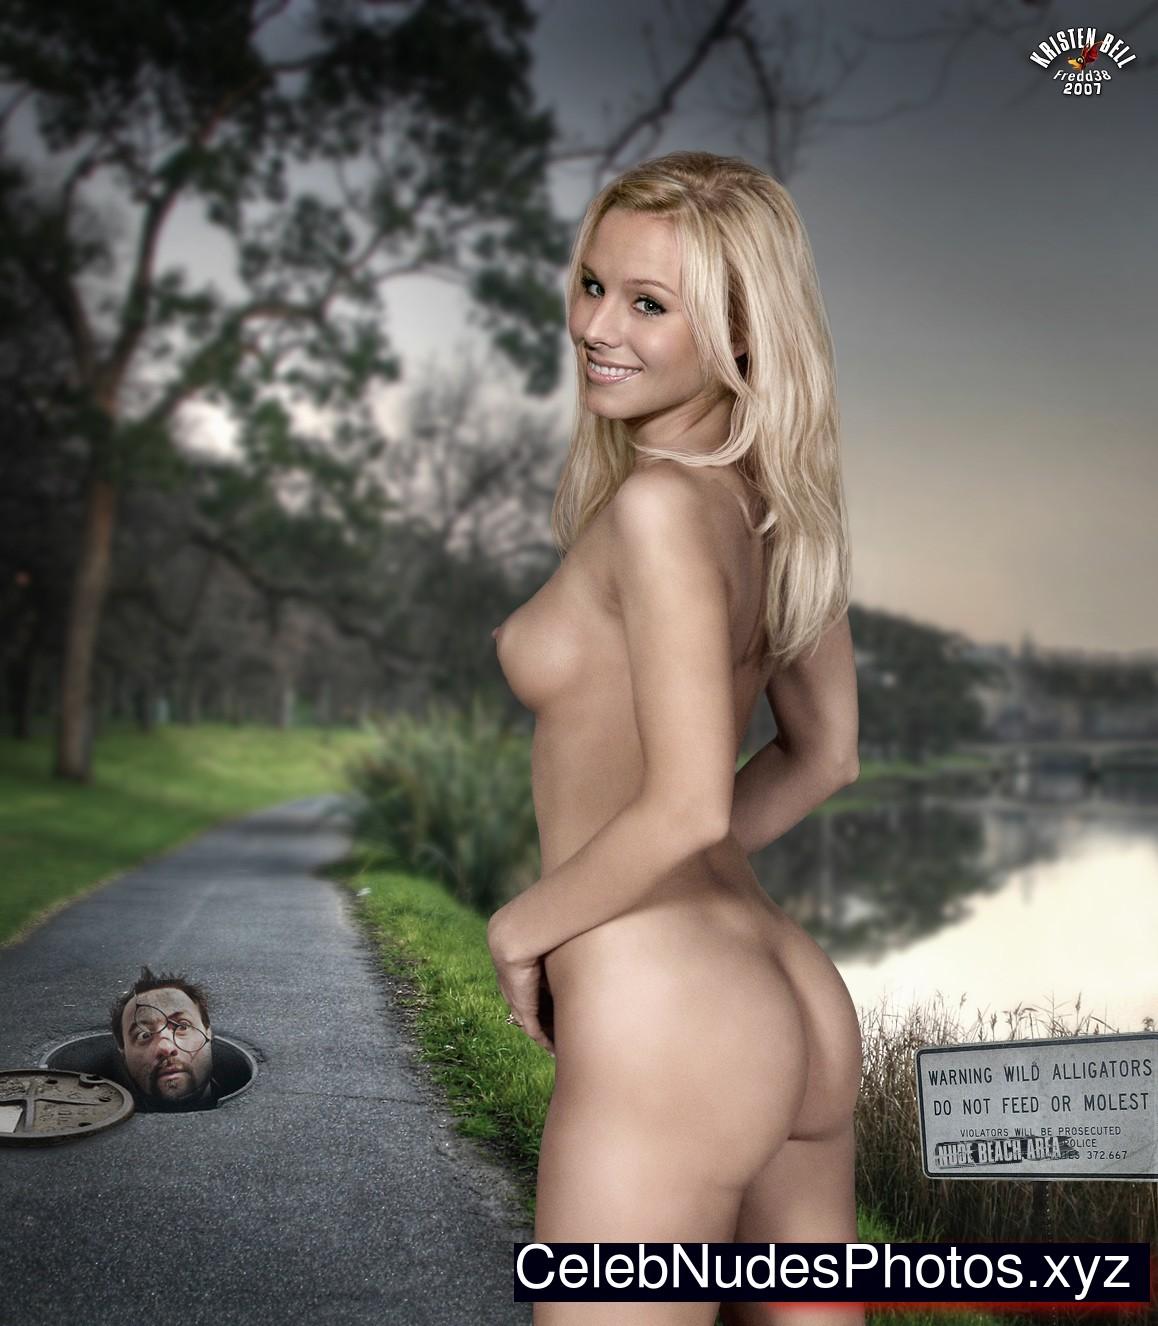 Kristen anne bell nude